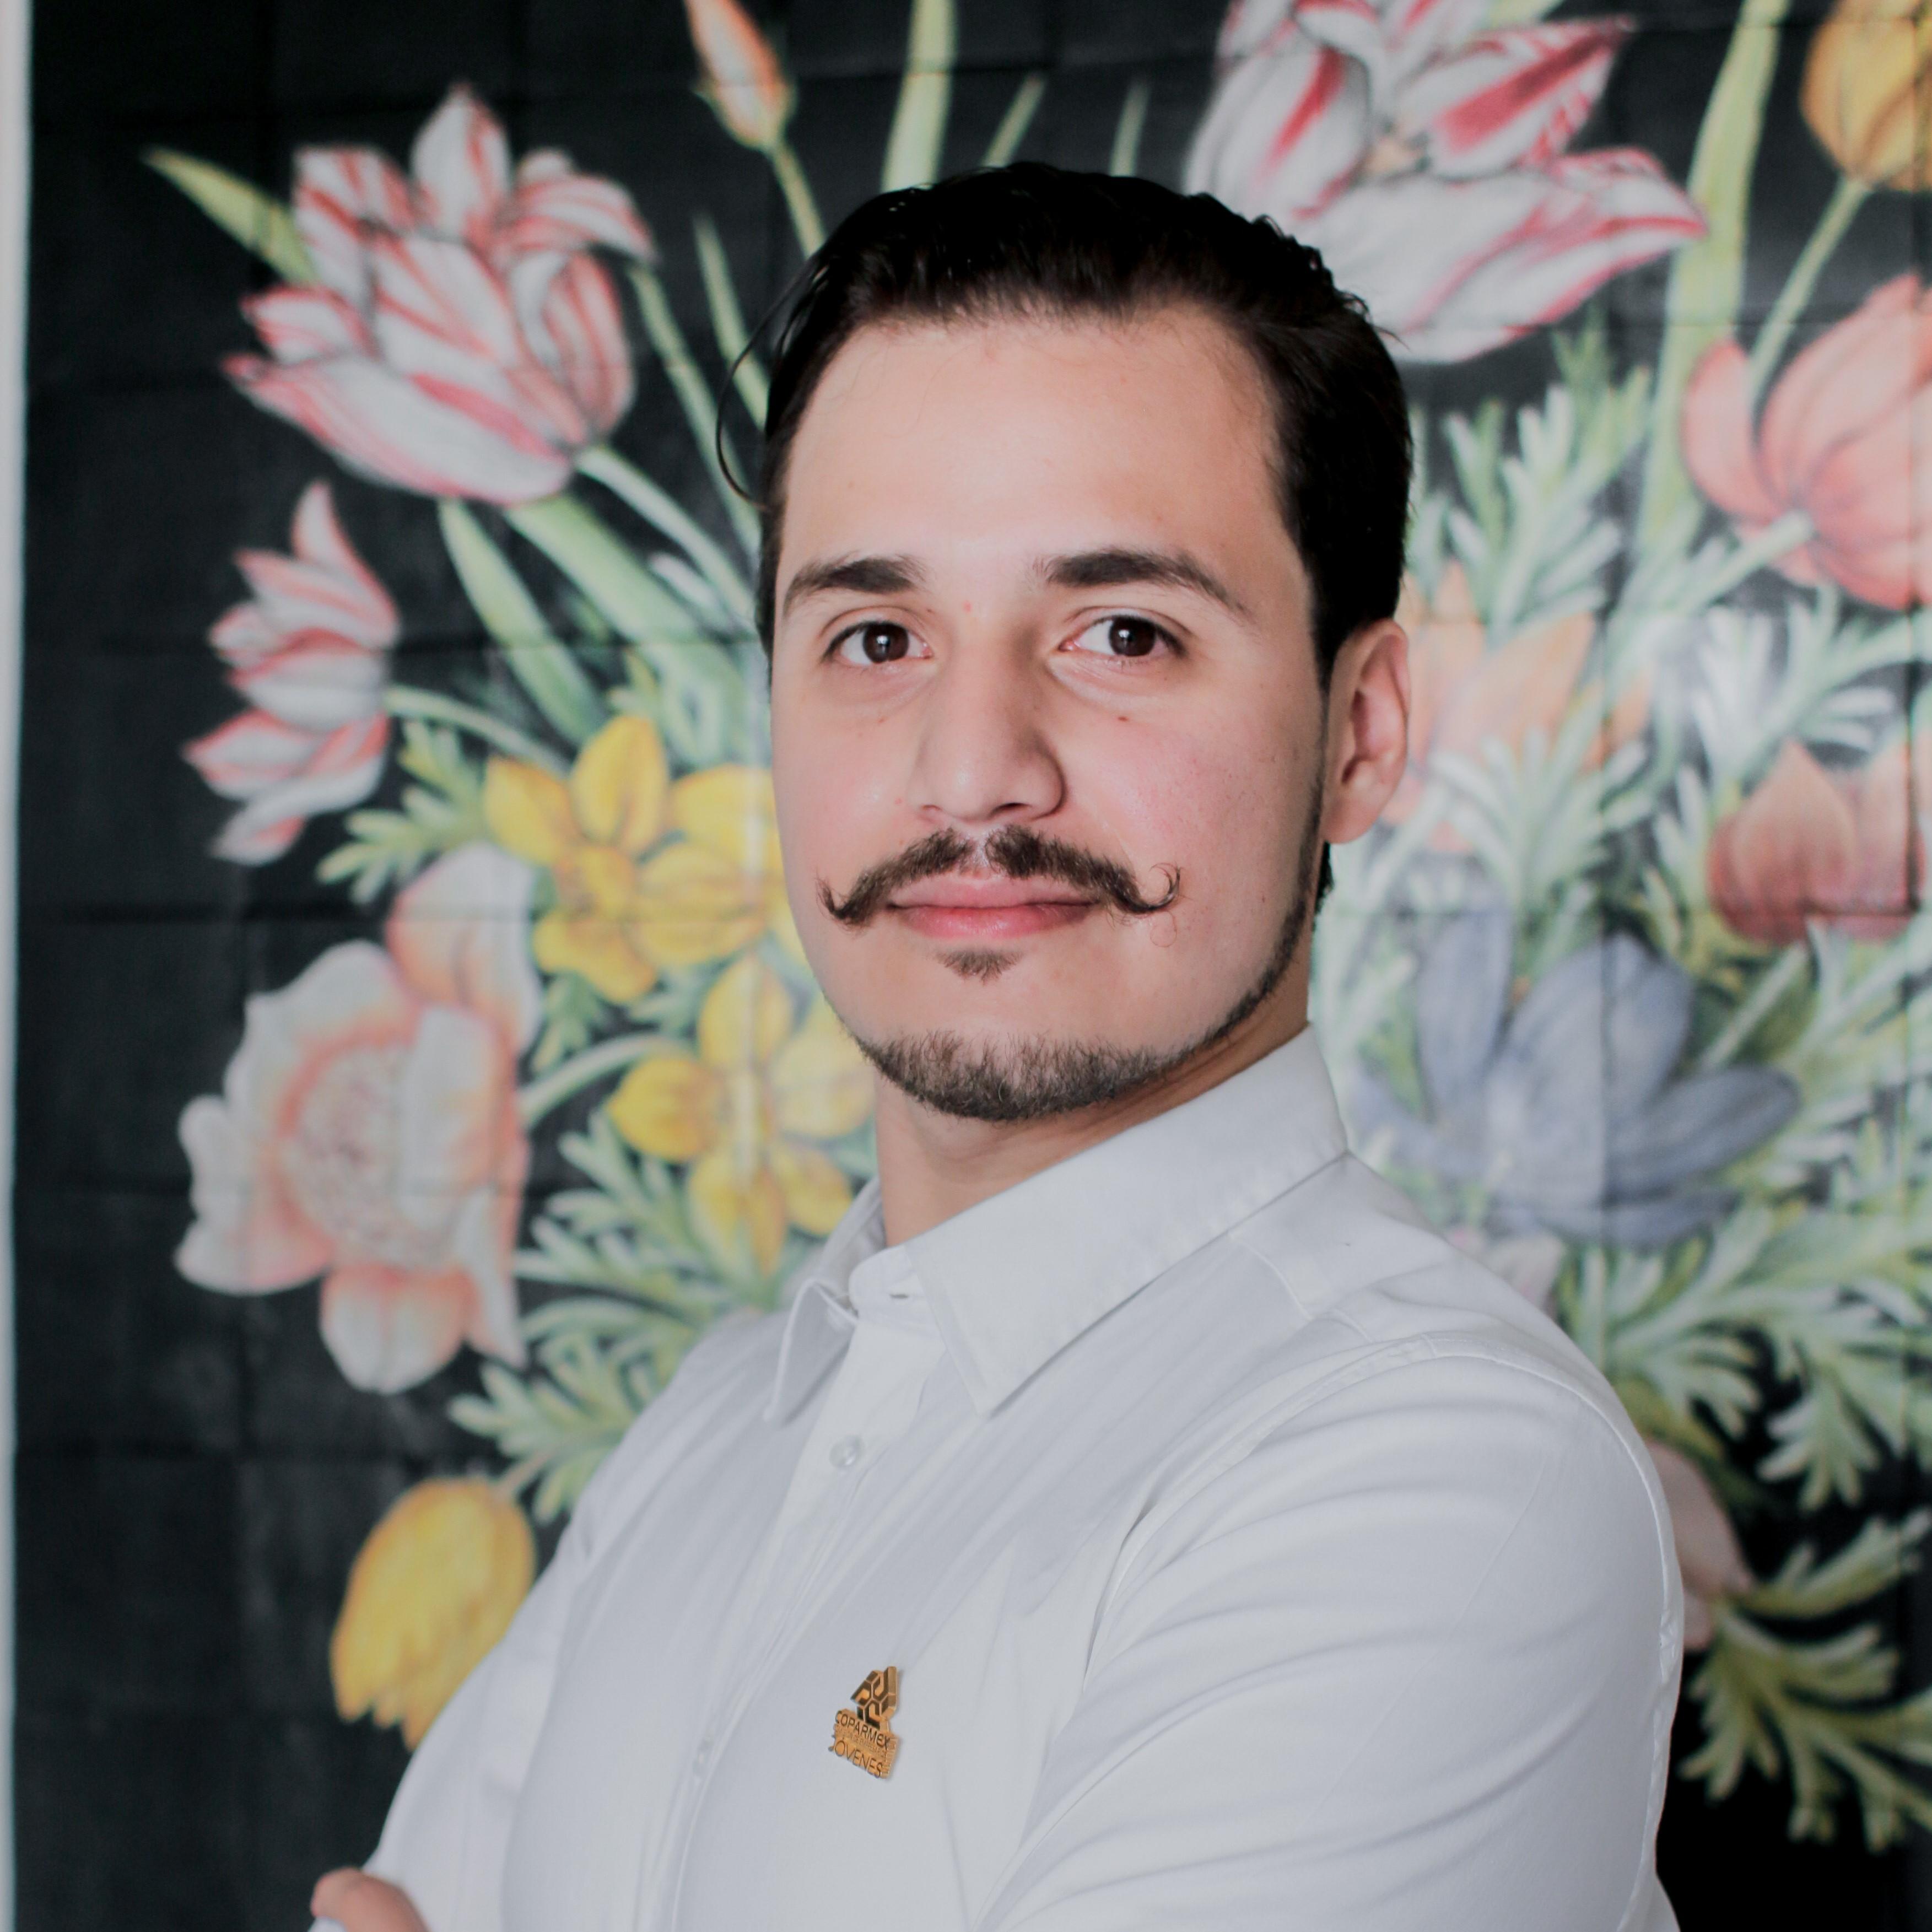 Diego Maury